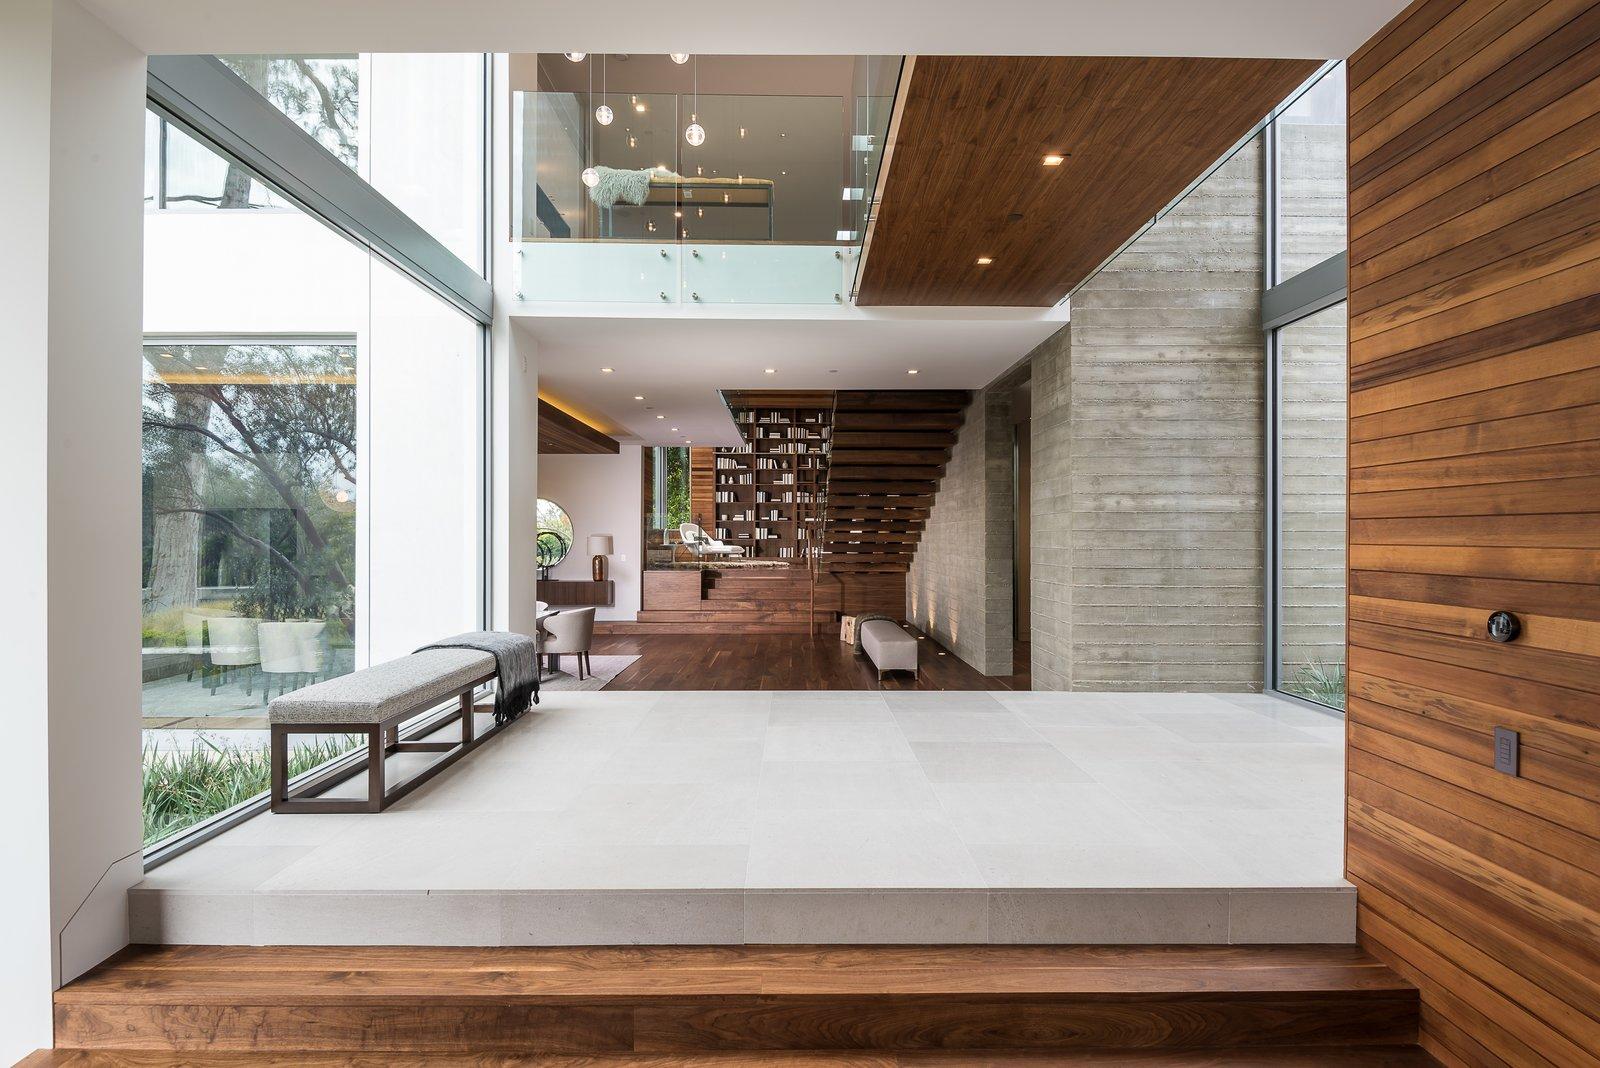 Living Room, Bench, Pendant Lighting, Dark Hardwood Floor, and Ceiling Lighting  Ravoli Drive Residence